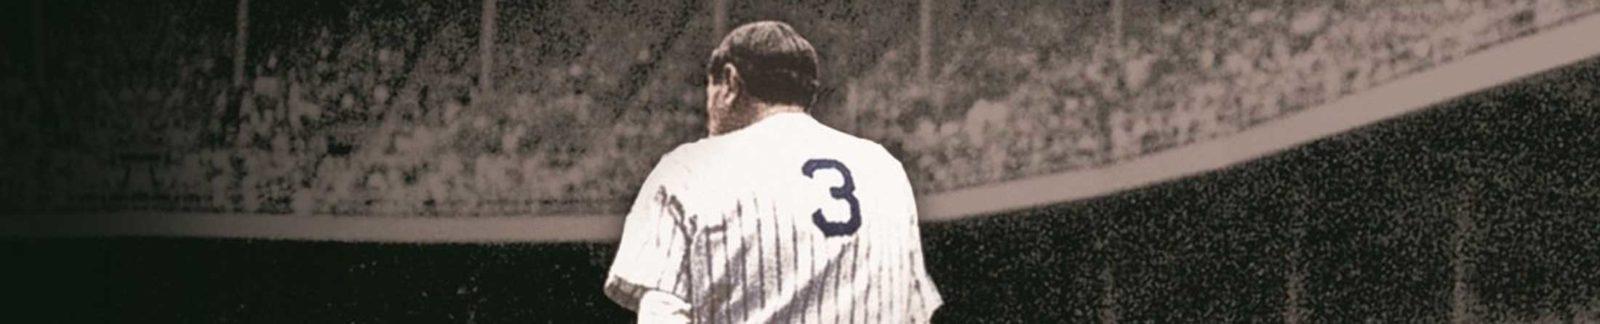 Baseball: A Film by Ken Burns header